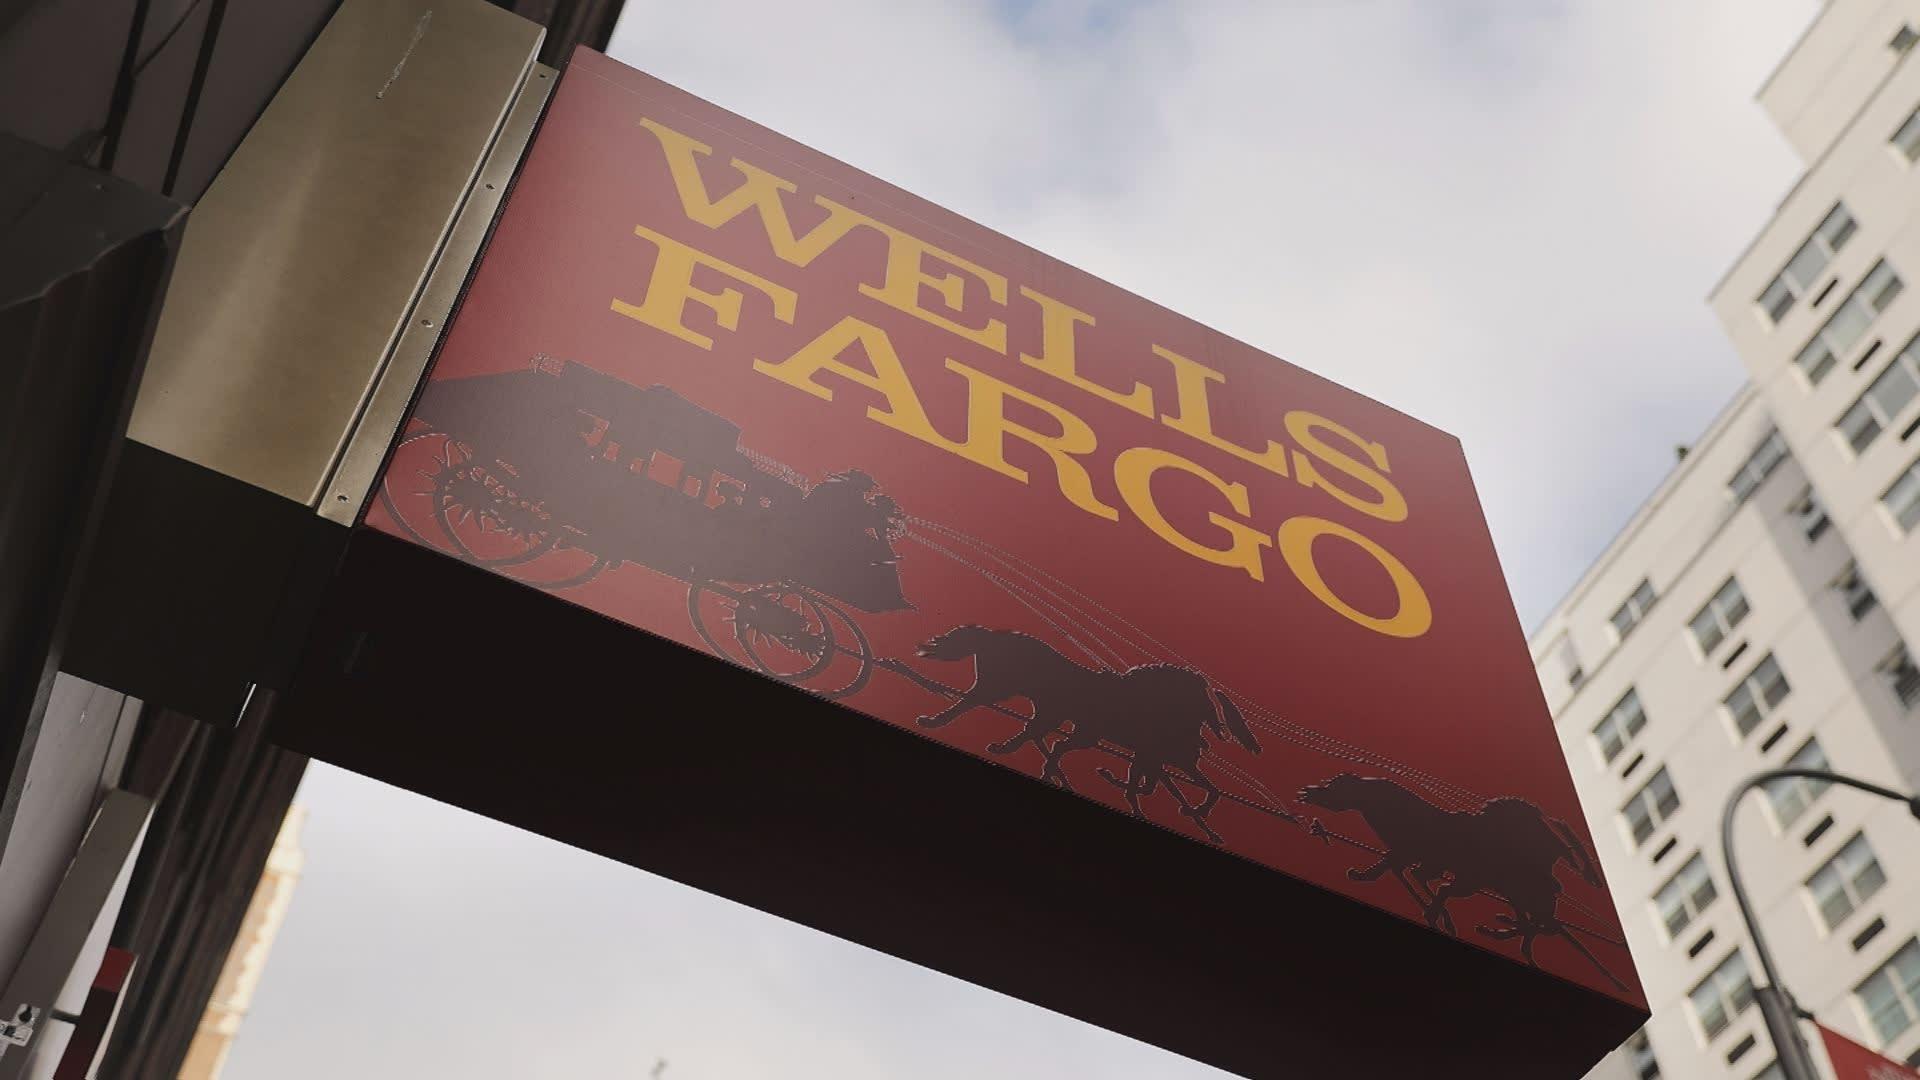 Wells Fargo to slash thousands of jobs